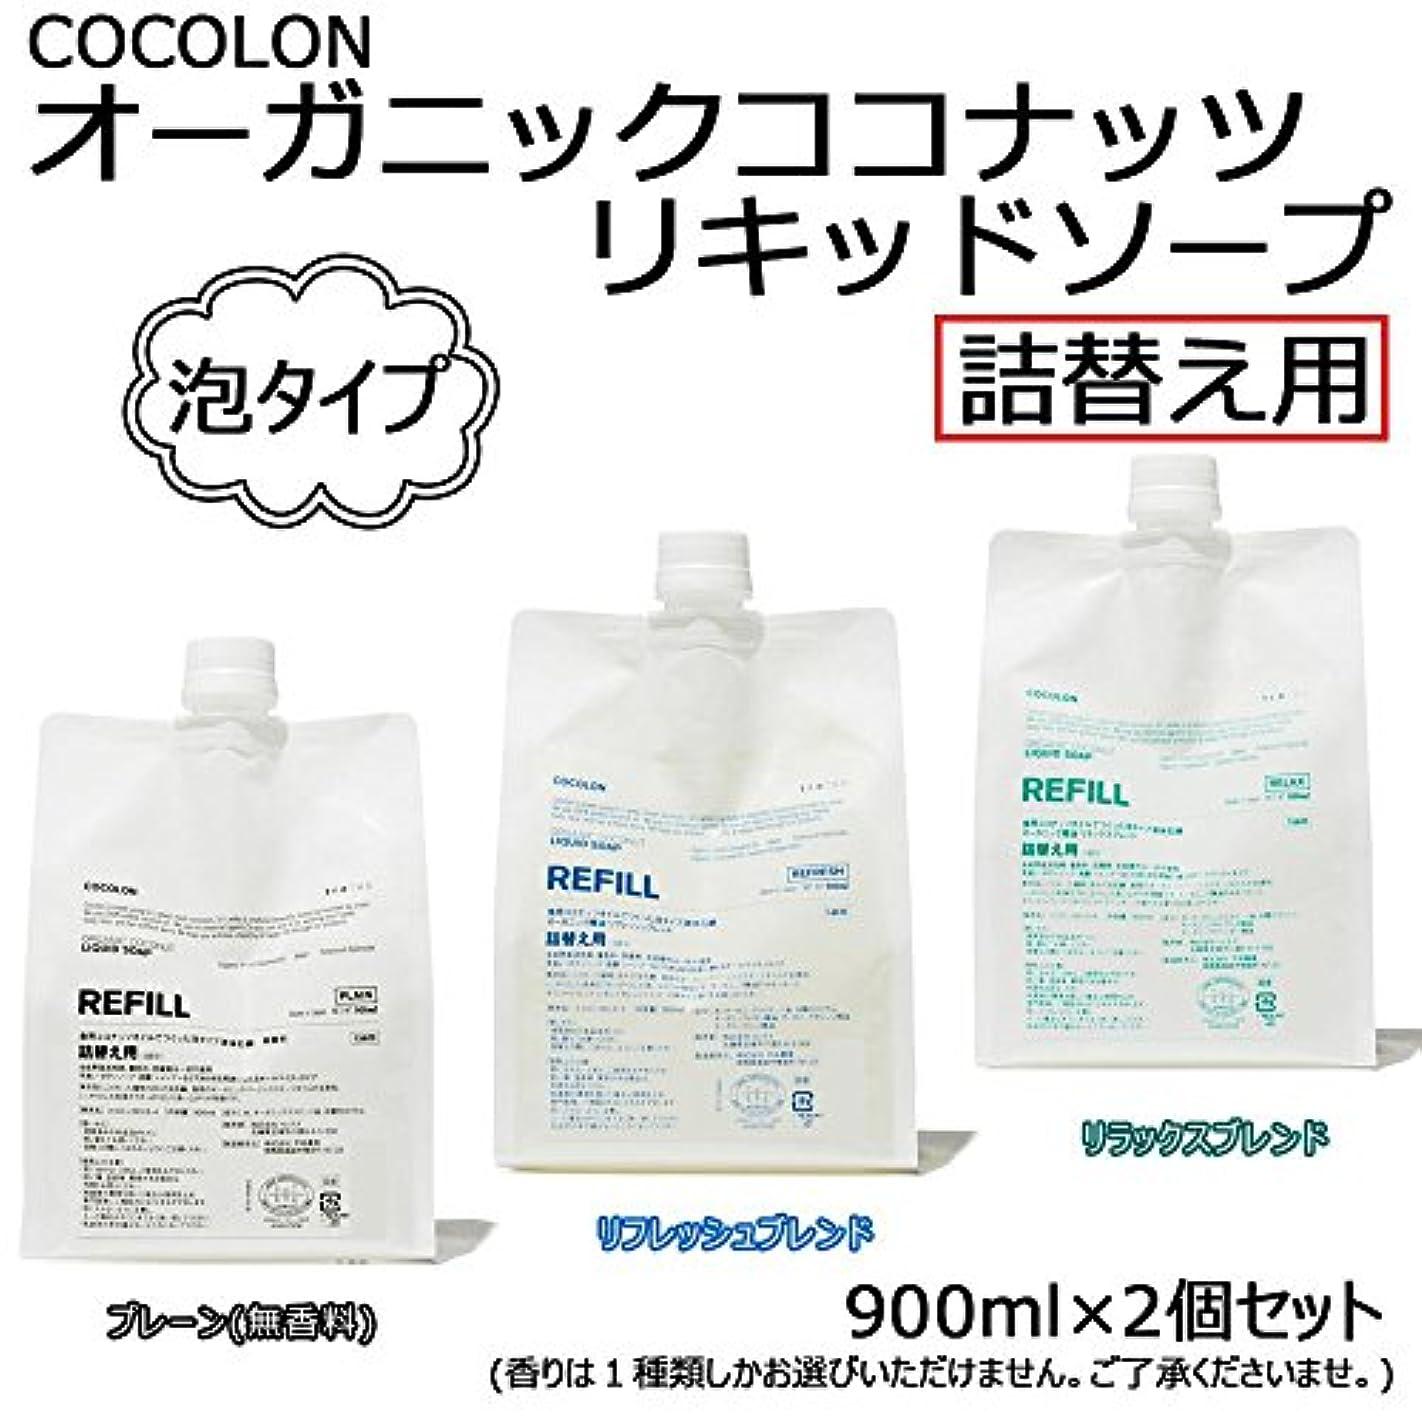 教育約設定ウィザードCOCOLON ココロン オーガニックココナッツリキッドソープ 泡タイプ 詰替え用 900ml 2個セット プレーン(無香料)